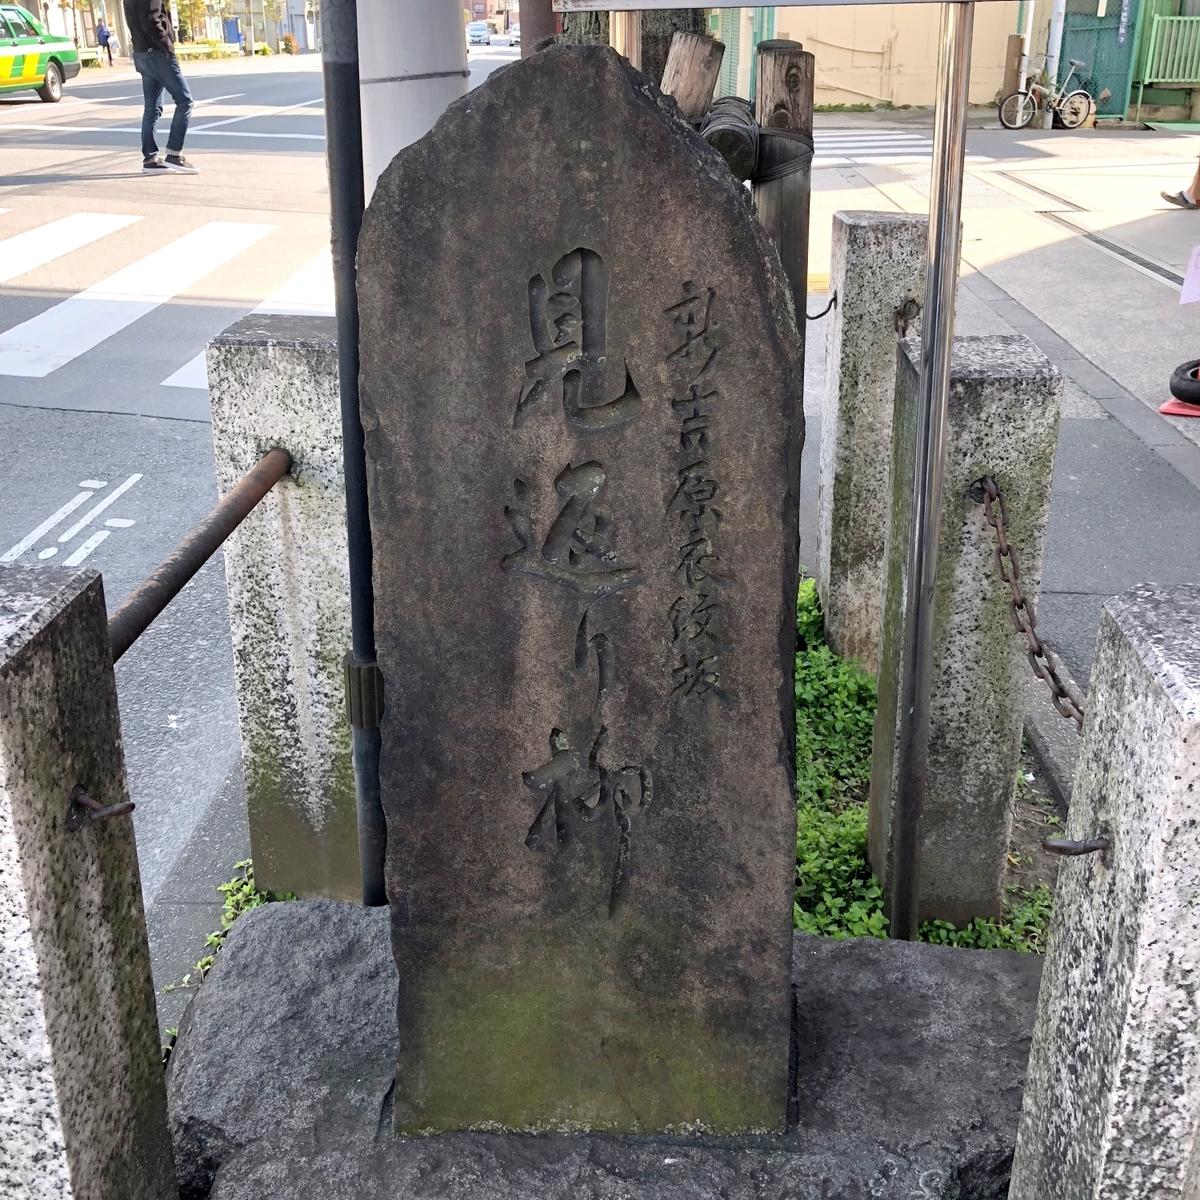 吉原見返り柳の碑イメージ